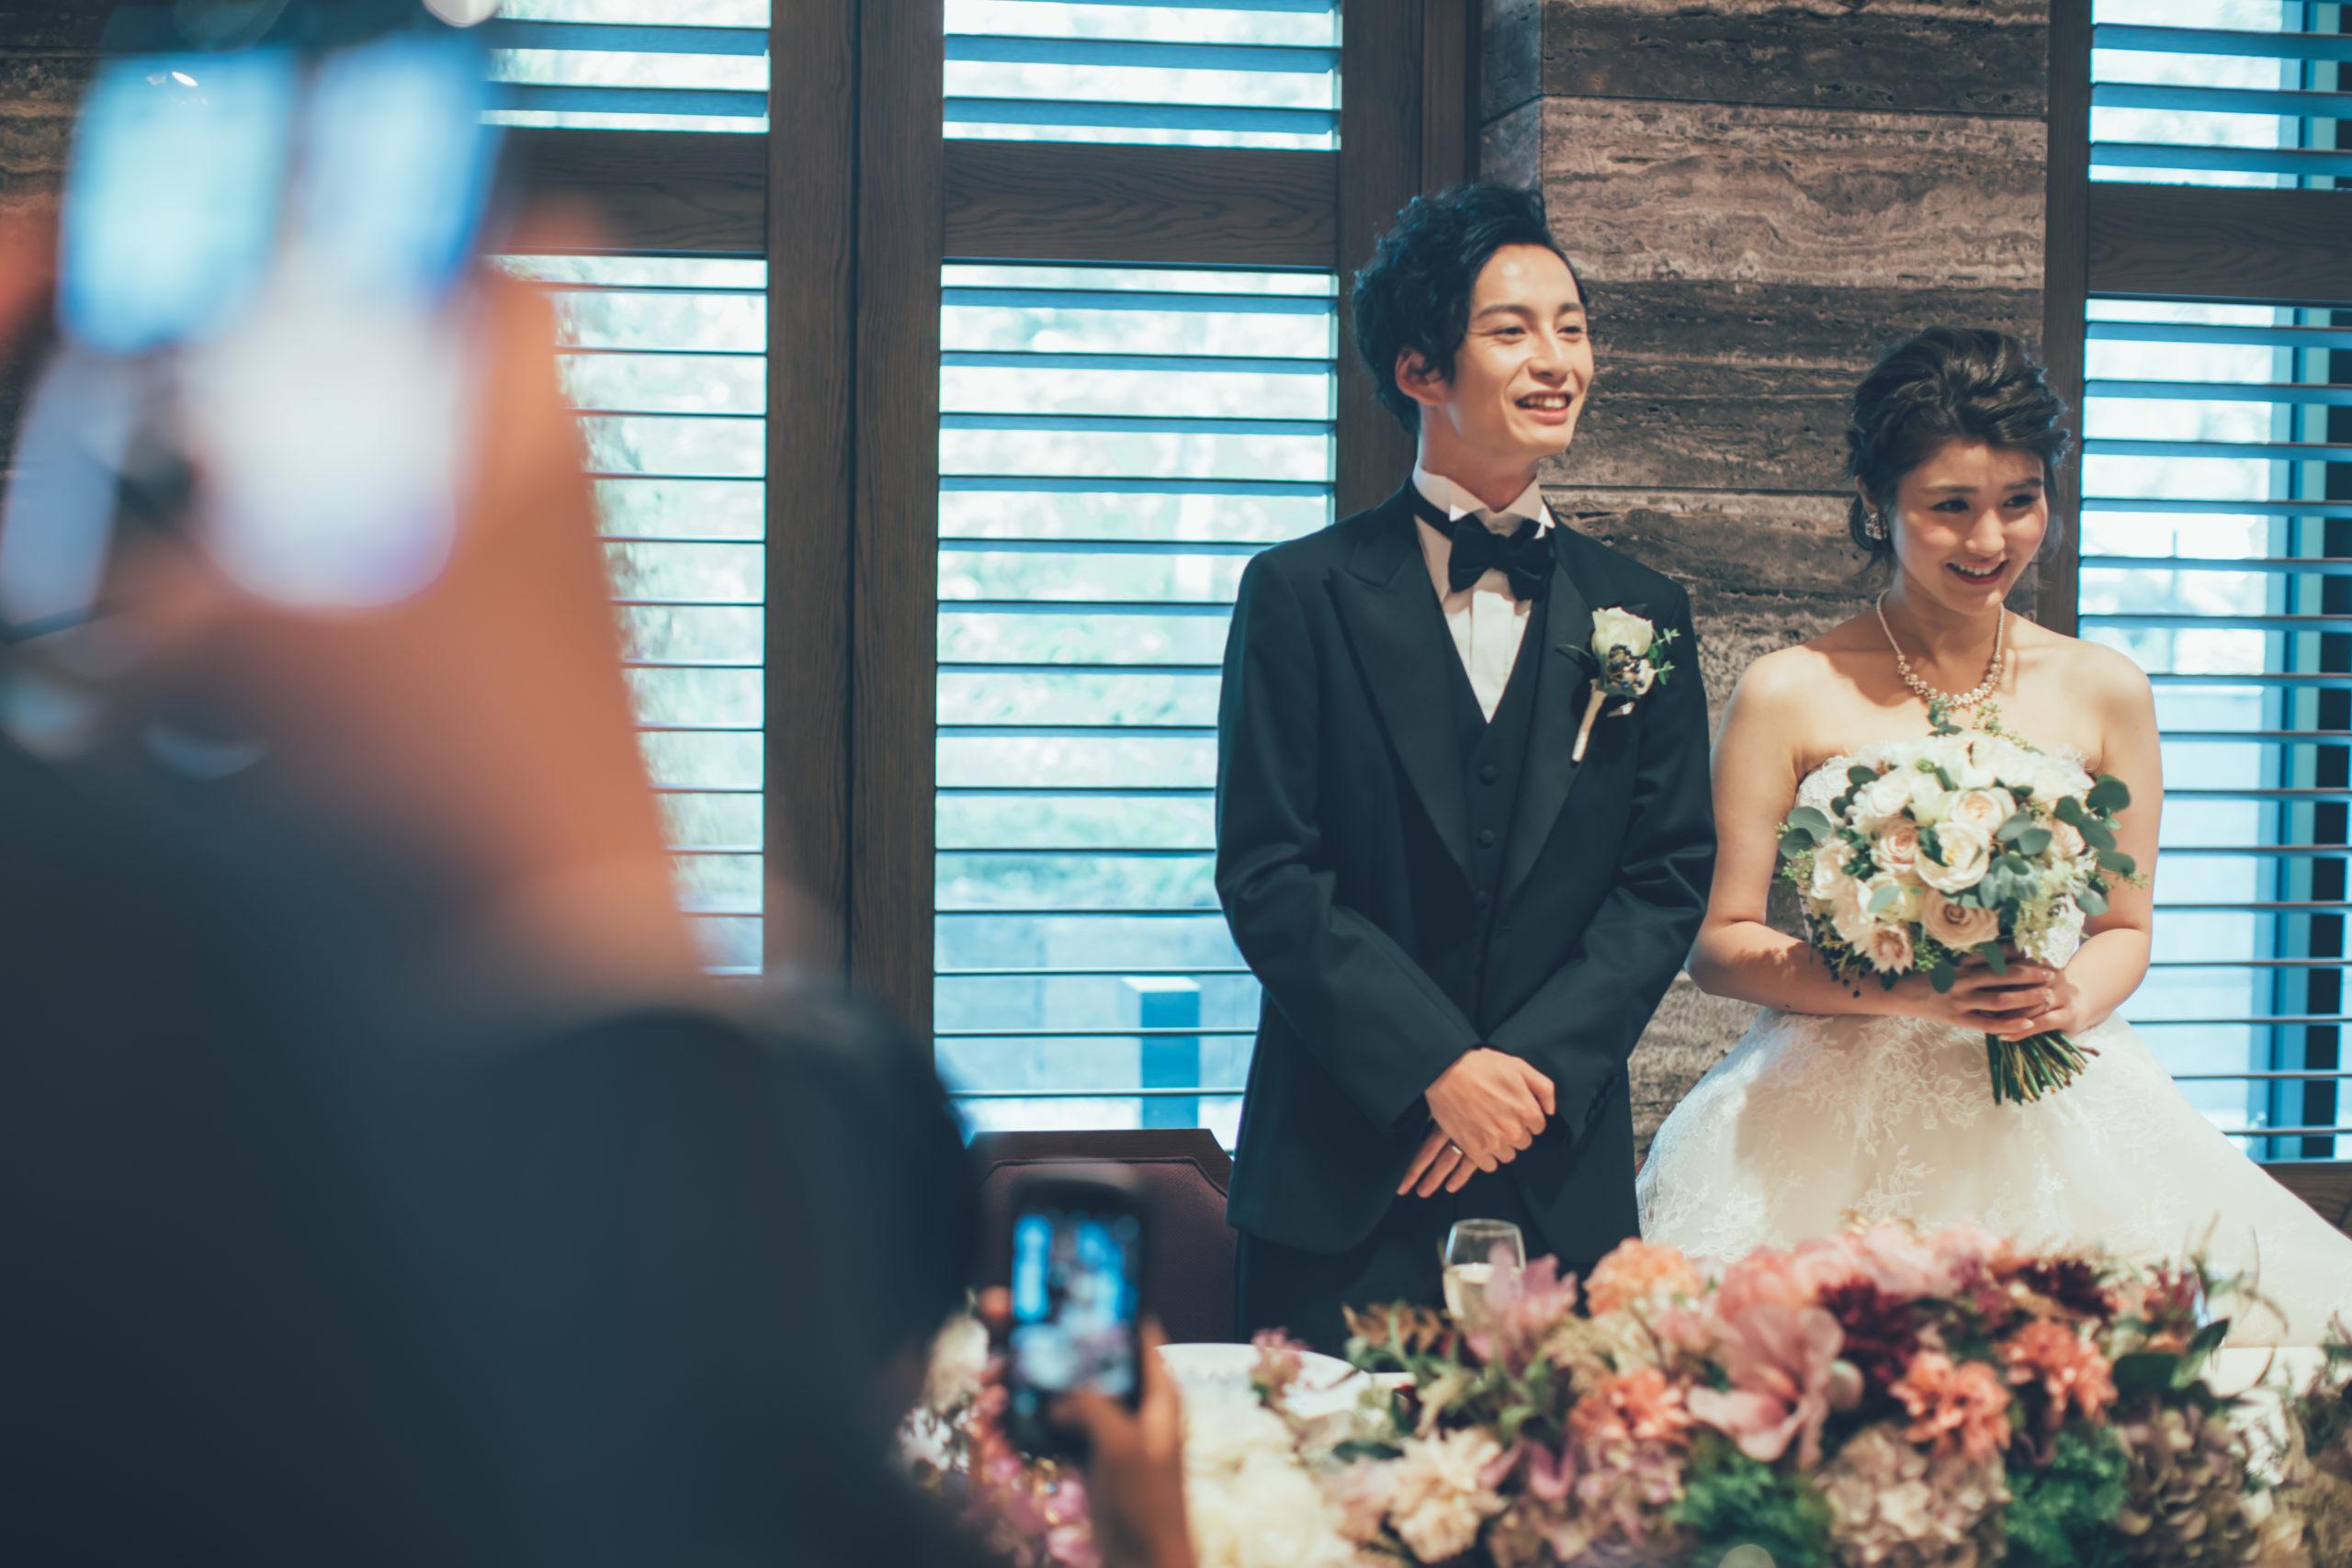 結婚式 お礼挨拶 冒頭   結婚式ブログ